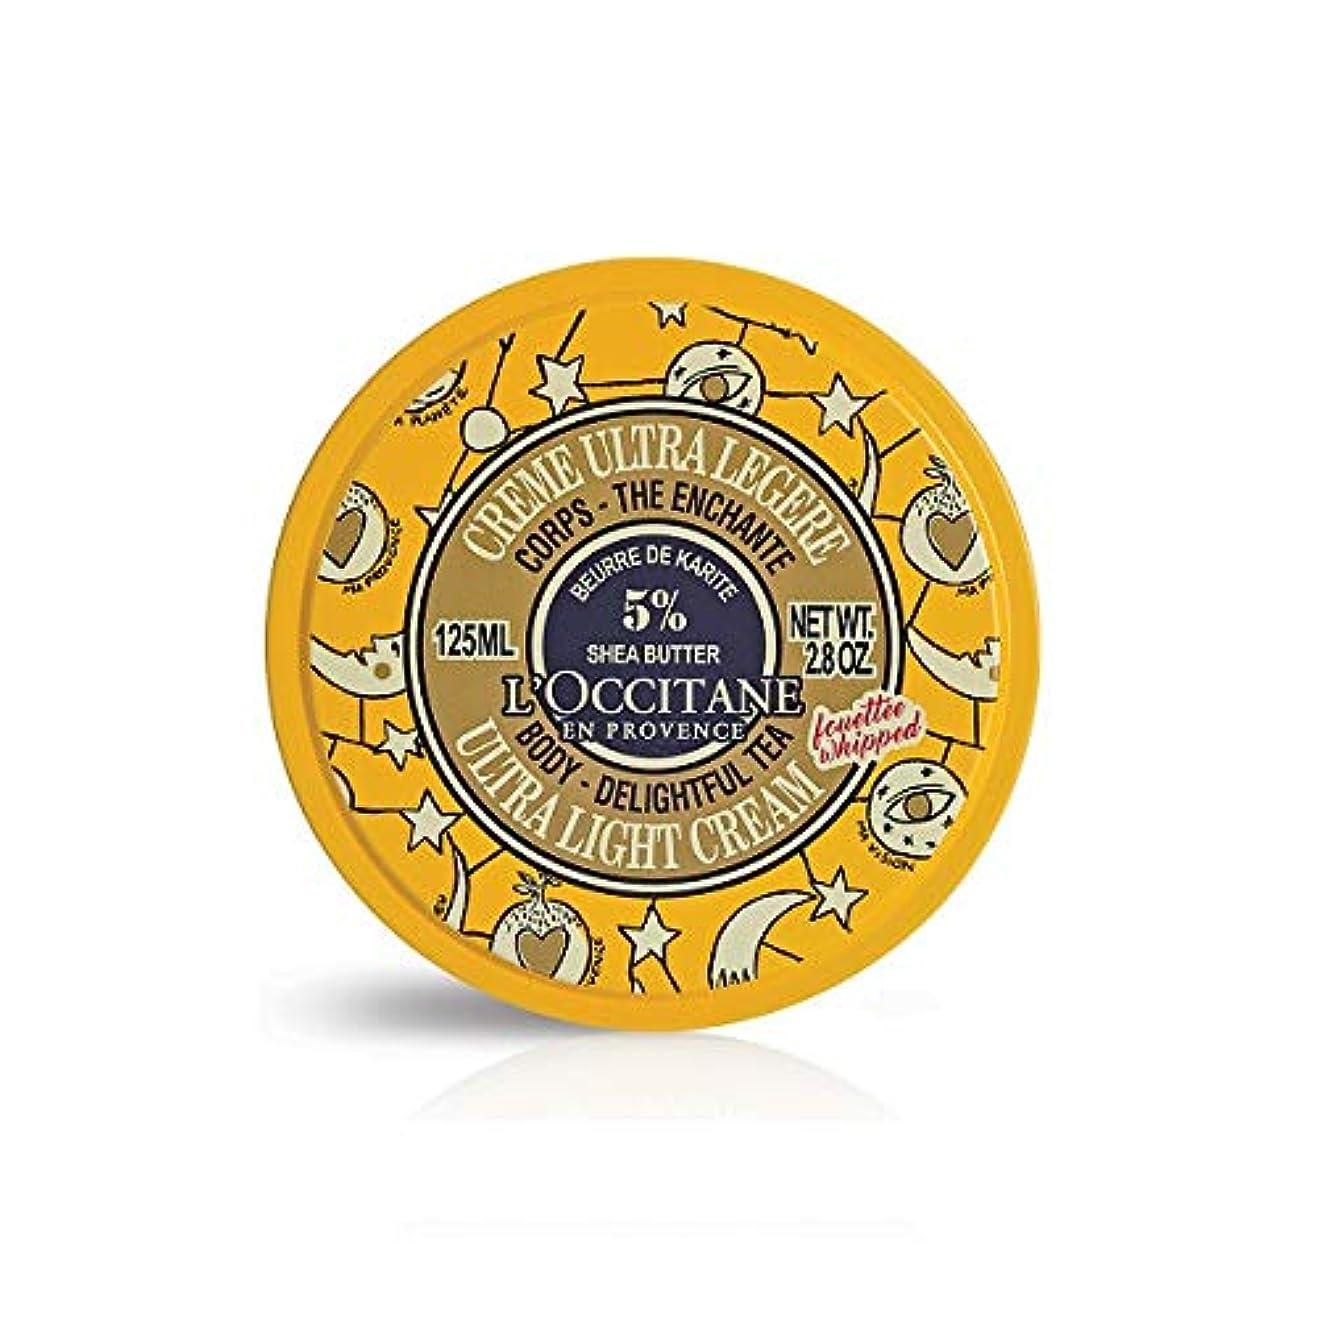 呪い受粉するいじめっ子ロクシタン(L'OCCITANE) ジョイフルスター スノーシア ボディクリーム(ディライトフルティー) 125ml